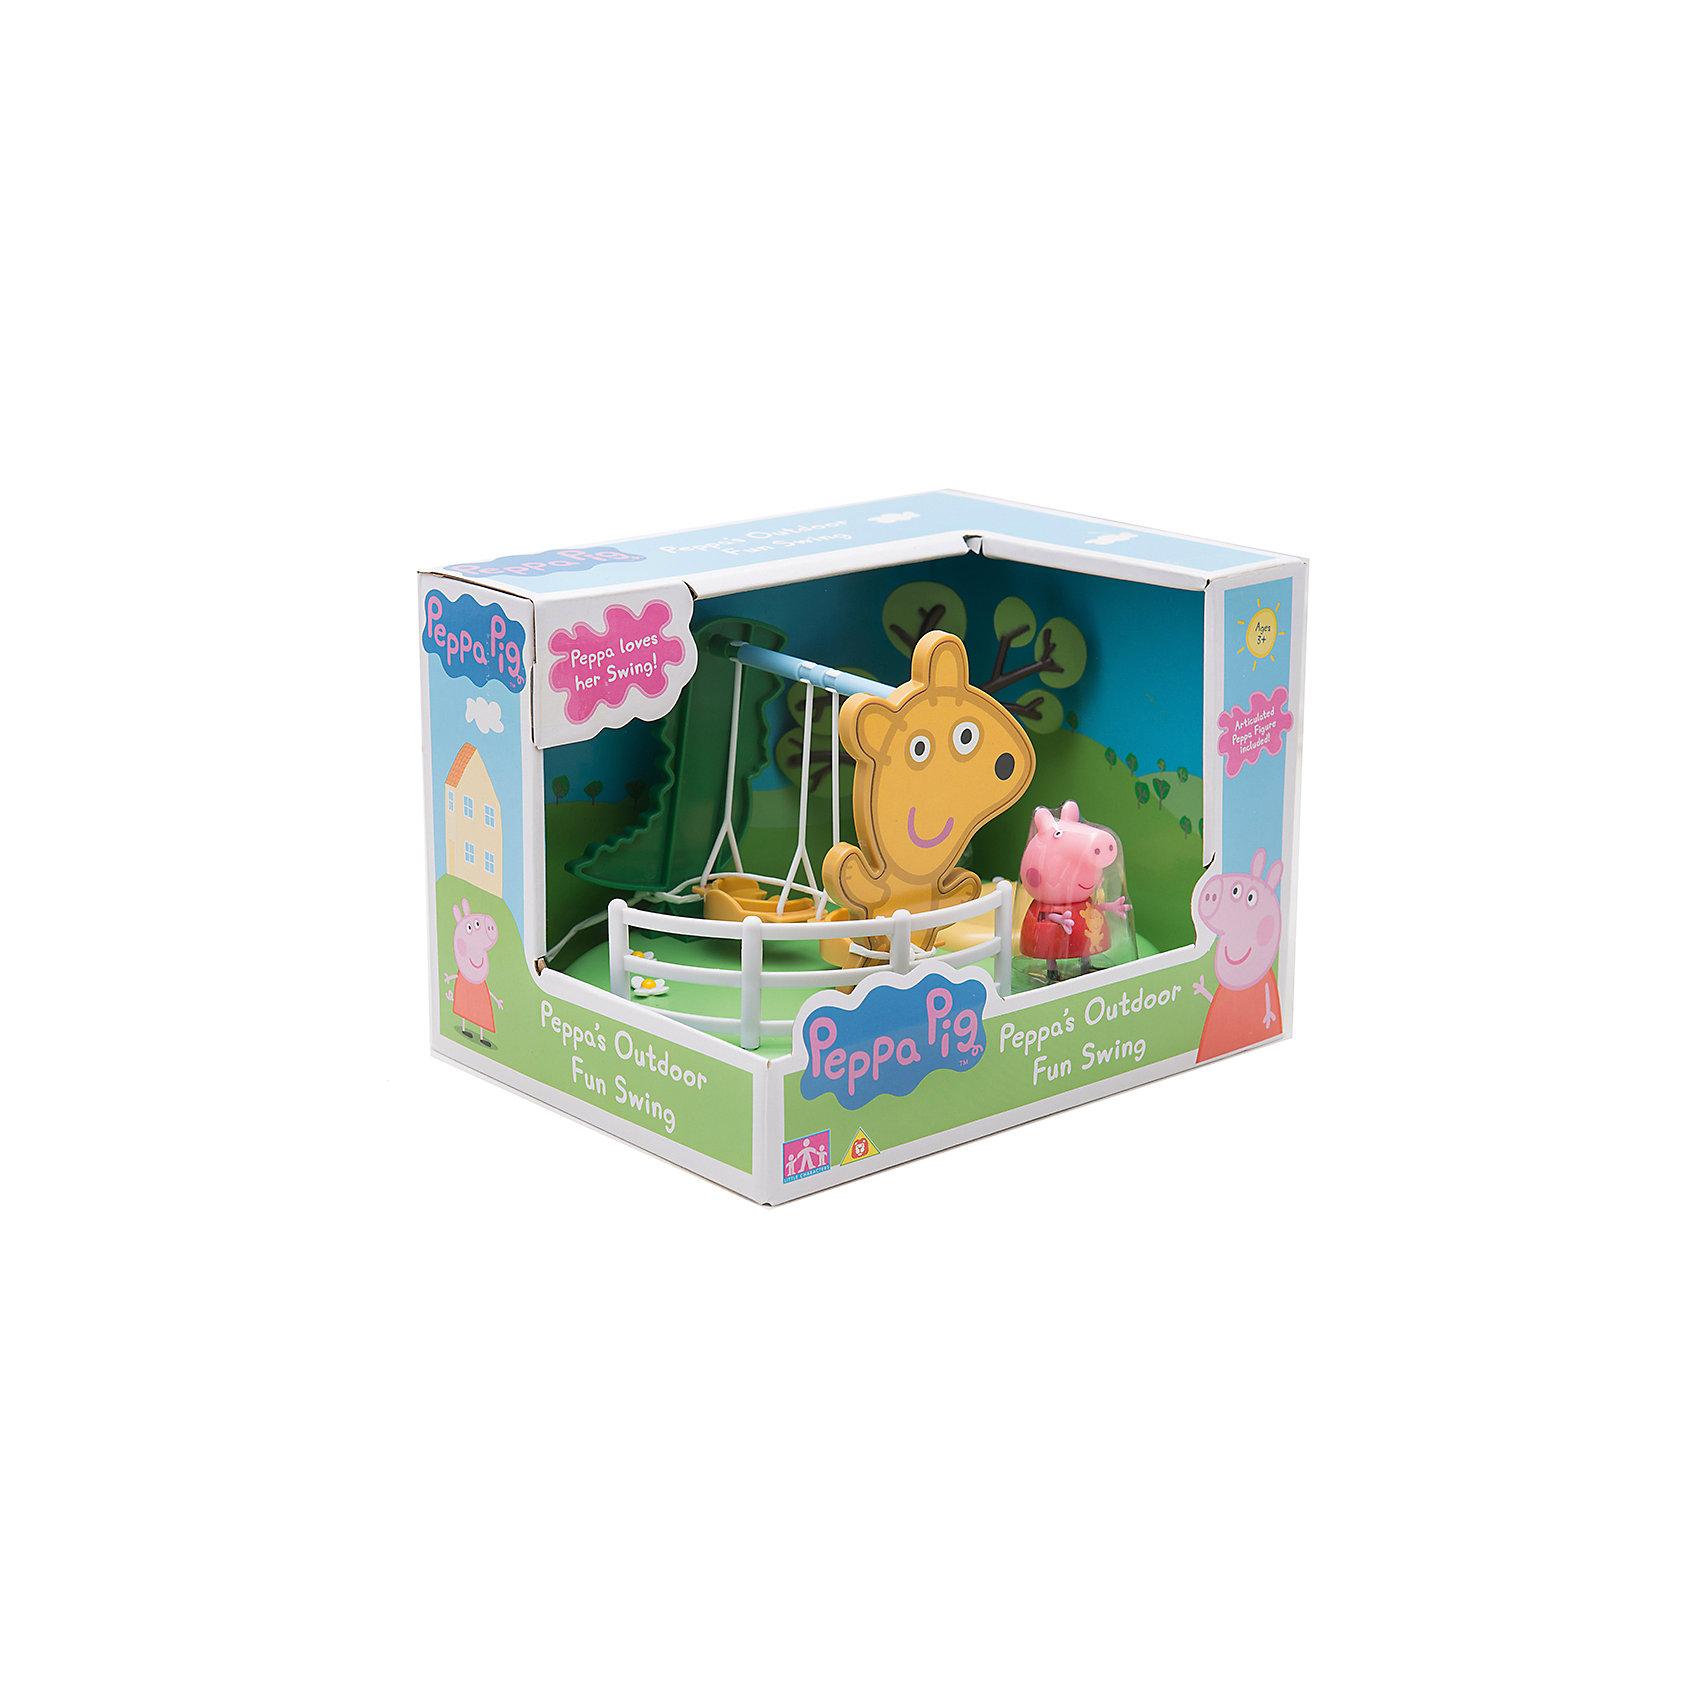 Игровой набор Площадка Качели, Peppa PigИгровой набор Площадка Качели, Peppa Pig (Пеппа Пиг).<br><br>Характеристики:<br><br>• Размер: 21X16X15 см.<br>• Цвет: разноцветный.<br>• Материал: пластик.<br><br>Игровой набор Площадка Качели, Peppa Pig (Пеппа Пиг) создан по мотивам популярного мультфильма про Свинку Пеппу. Этот яркий игровой набор сразу же привлечет внимание детей и разнообразит их досуг тематическими играми по мотивам любимого мультфильма. Он представляет собой  площадку с зеленой цветочной лужайкой, на которой расположены качели с дырочками на сиденьях - для фиксации фигурок. Качели могут раскачиваться. Снизу у игрушки имеются специальные приспособления, которые по типу пазлов позволяют присоединить эту площадку к другим подобным из этой серии: Качели-качалка, Горка.  В данный набор входит площадка с качелями и фигурка Свинки Пеппы (5 см). Порадуйте своего малыша, подарив ему такой замечательный набор!<br><br>Игровой набор Площадка Качели, Peppa Pig (Пеппа Пиг), можно купить в нашем интернет- магазине.<br><br>Ширина мм: 212<br>Глубина мм: 160<br>Высота мм: 150<br>Вес г: 320<br>Возраст от месяцев: 36<br>Возраст до месяцев: 2147483647<br>Пол: Унисекс<br>Возраст: Детский<br>SKU: 5211668